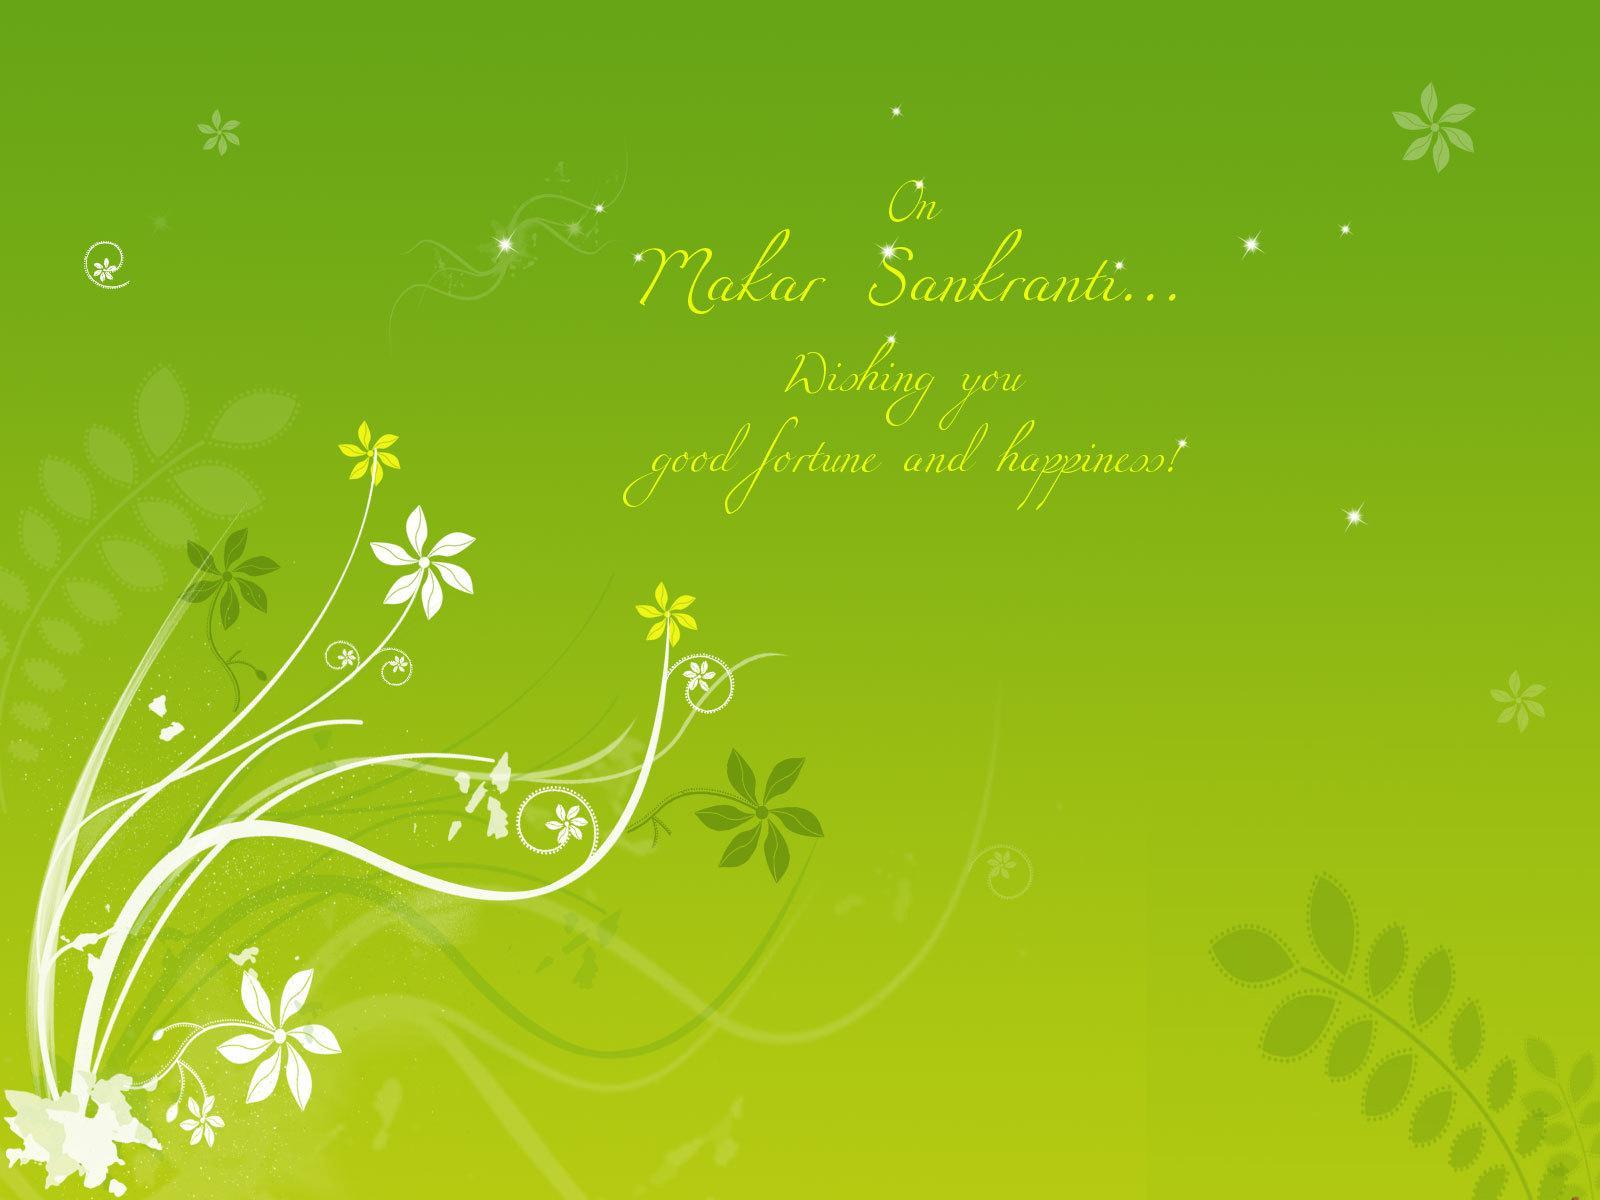 http://2.bp.blogspot.com/-7YcJ_ZCug-w/TxO4j5queiI/AAAAAAAACyM/tb4B3cLkEmU/s1600/Happy-Makar-Sankranti-37.jpg